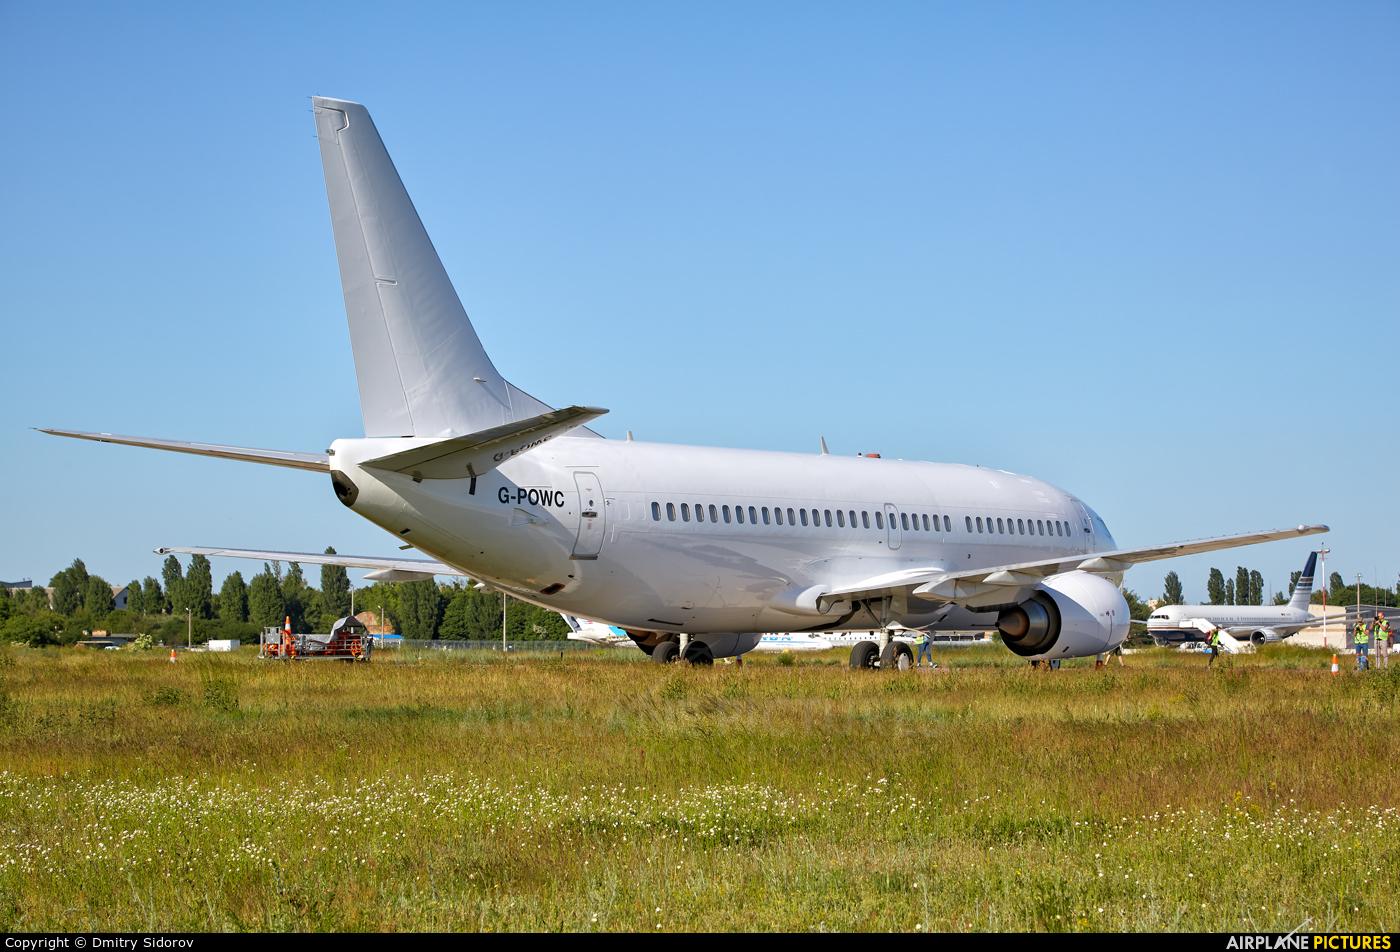 Titan Airways G-POWC aircraft at Kyiv - Borispol